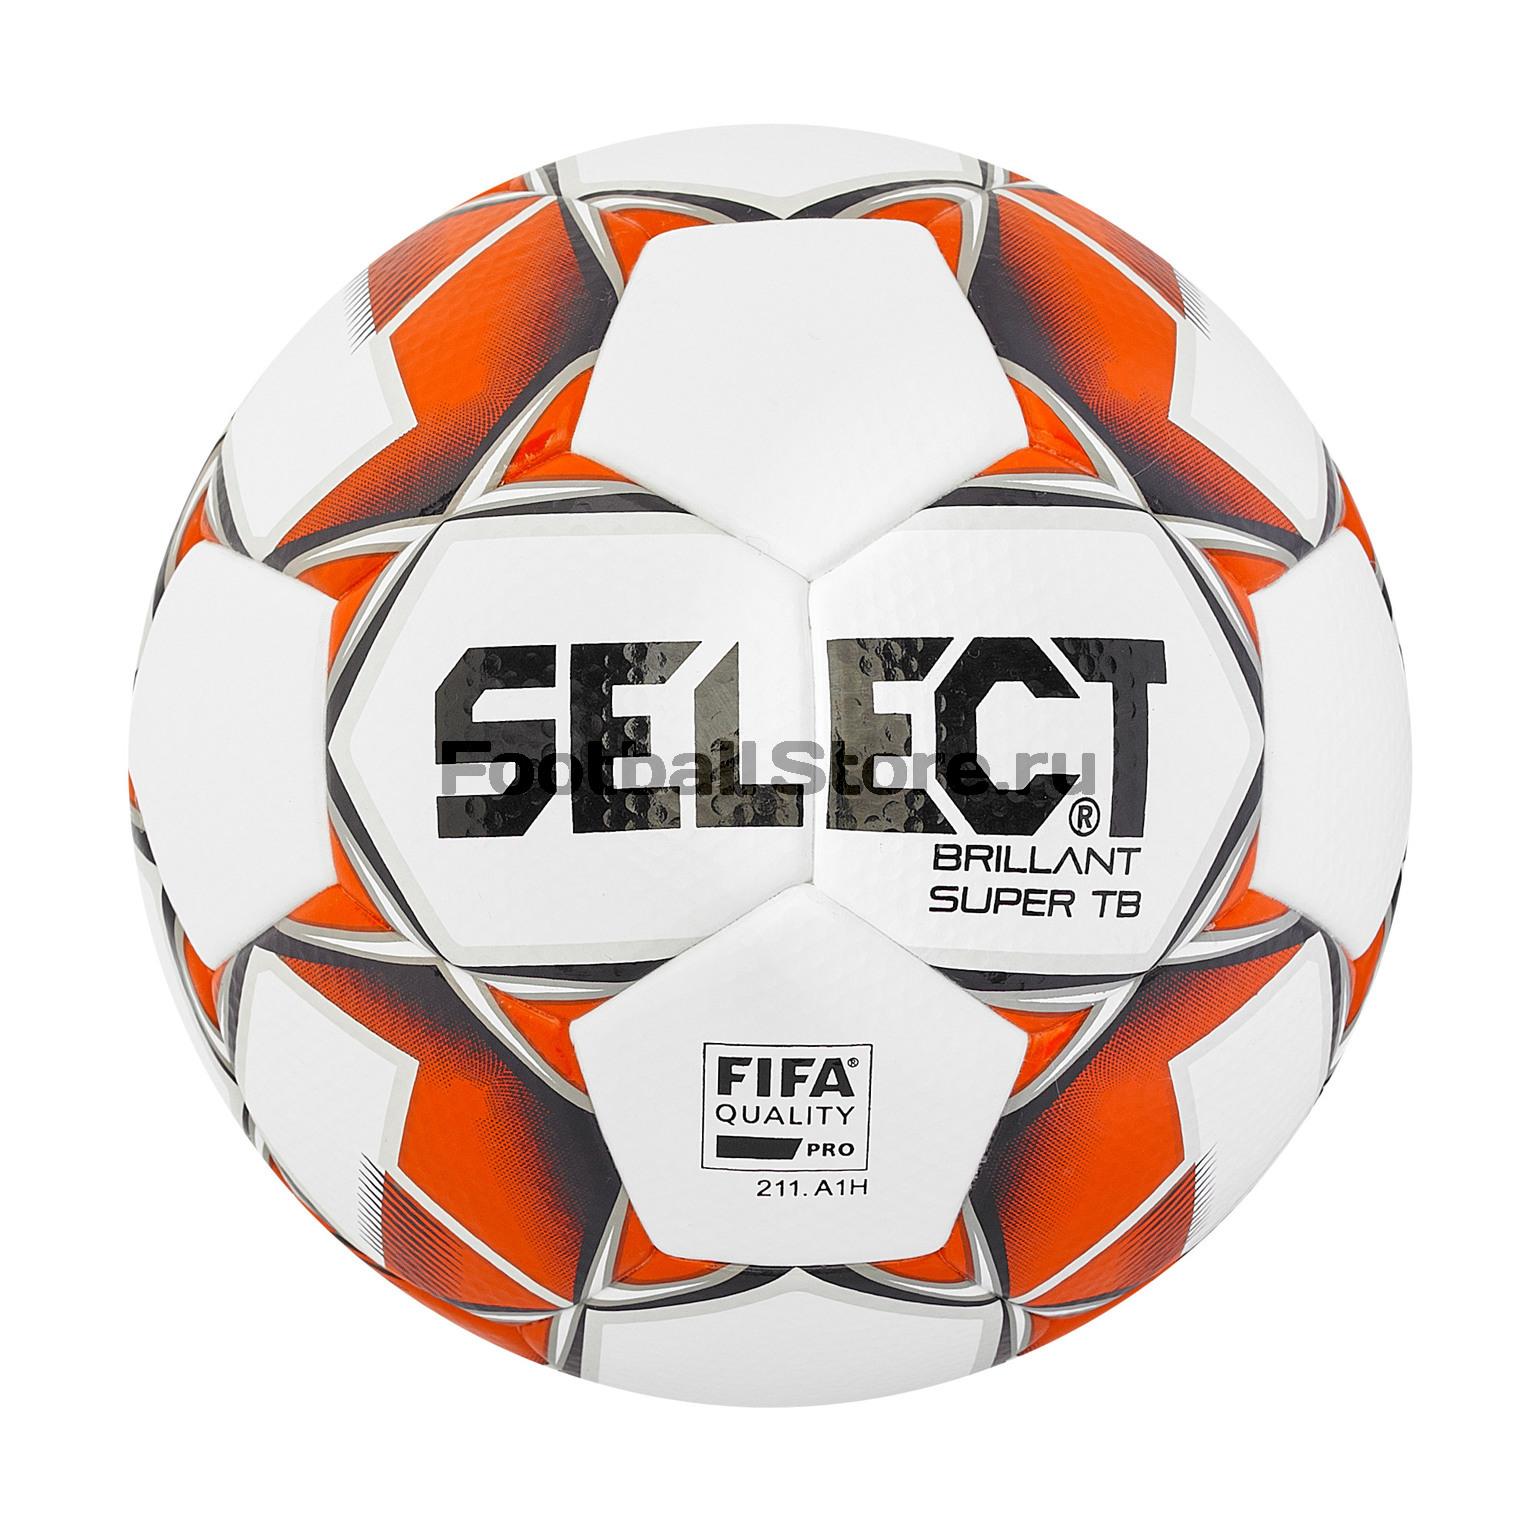 Мяч Select Brillant Super TB 810316-003 цена